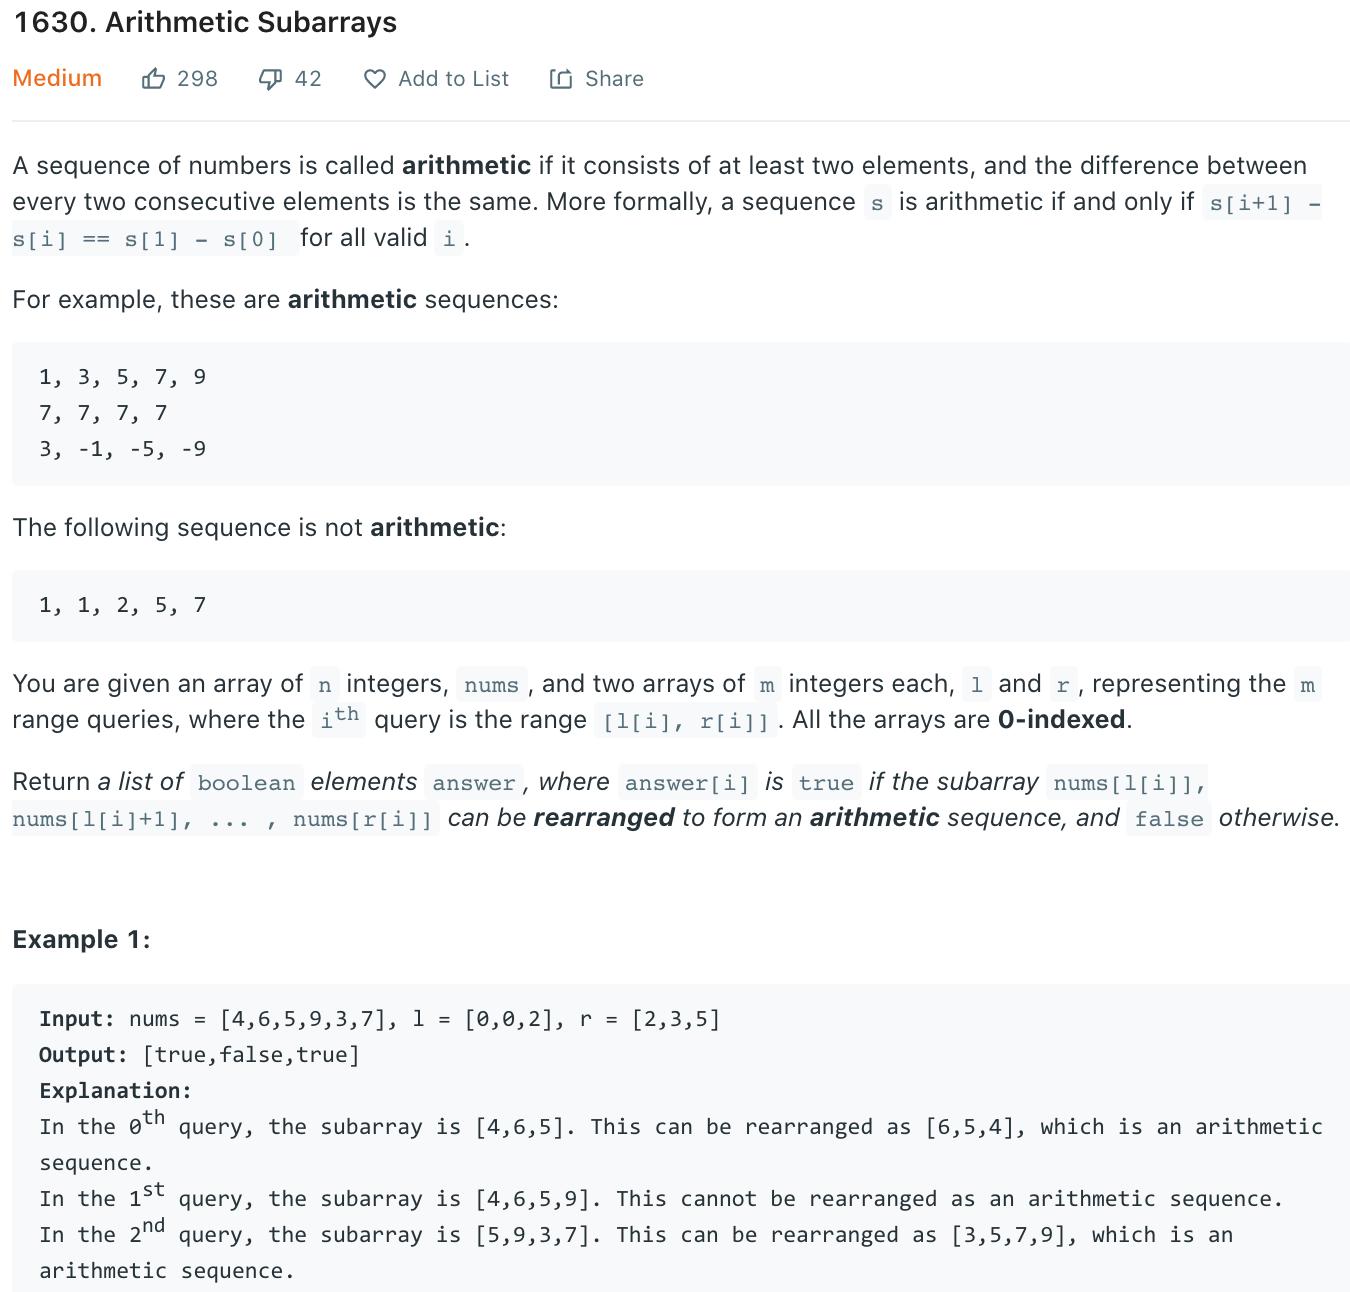 Arithmetic Subarrays